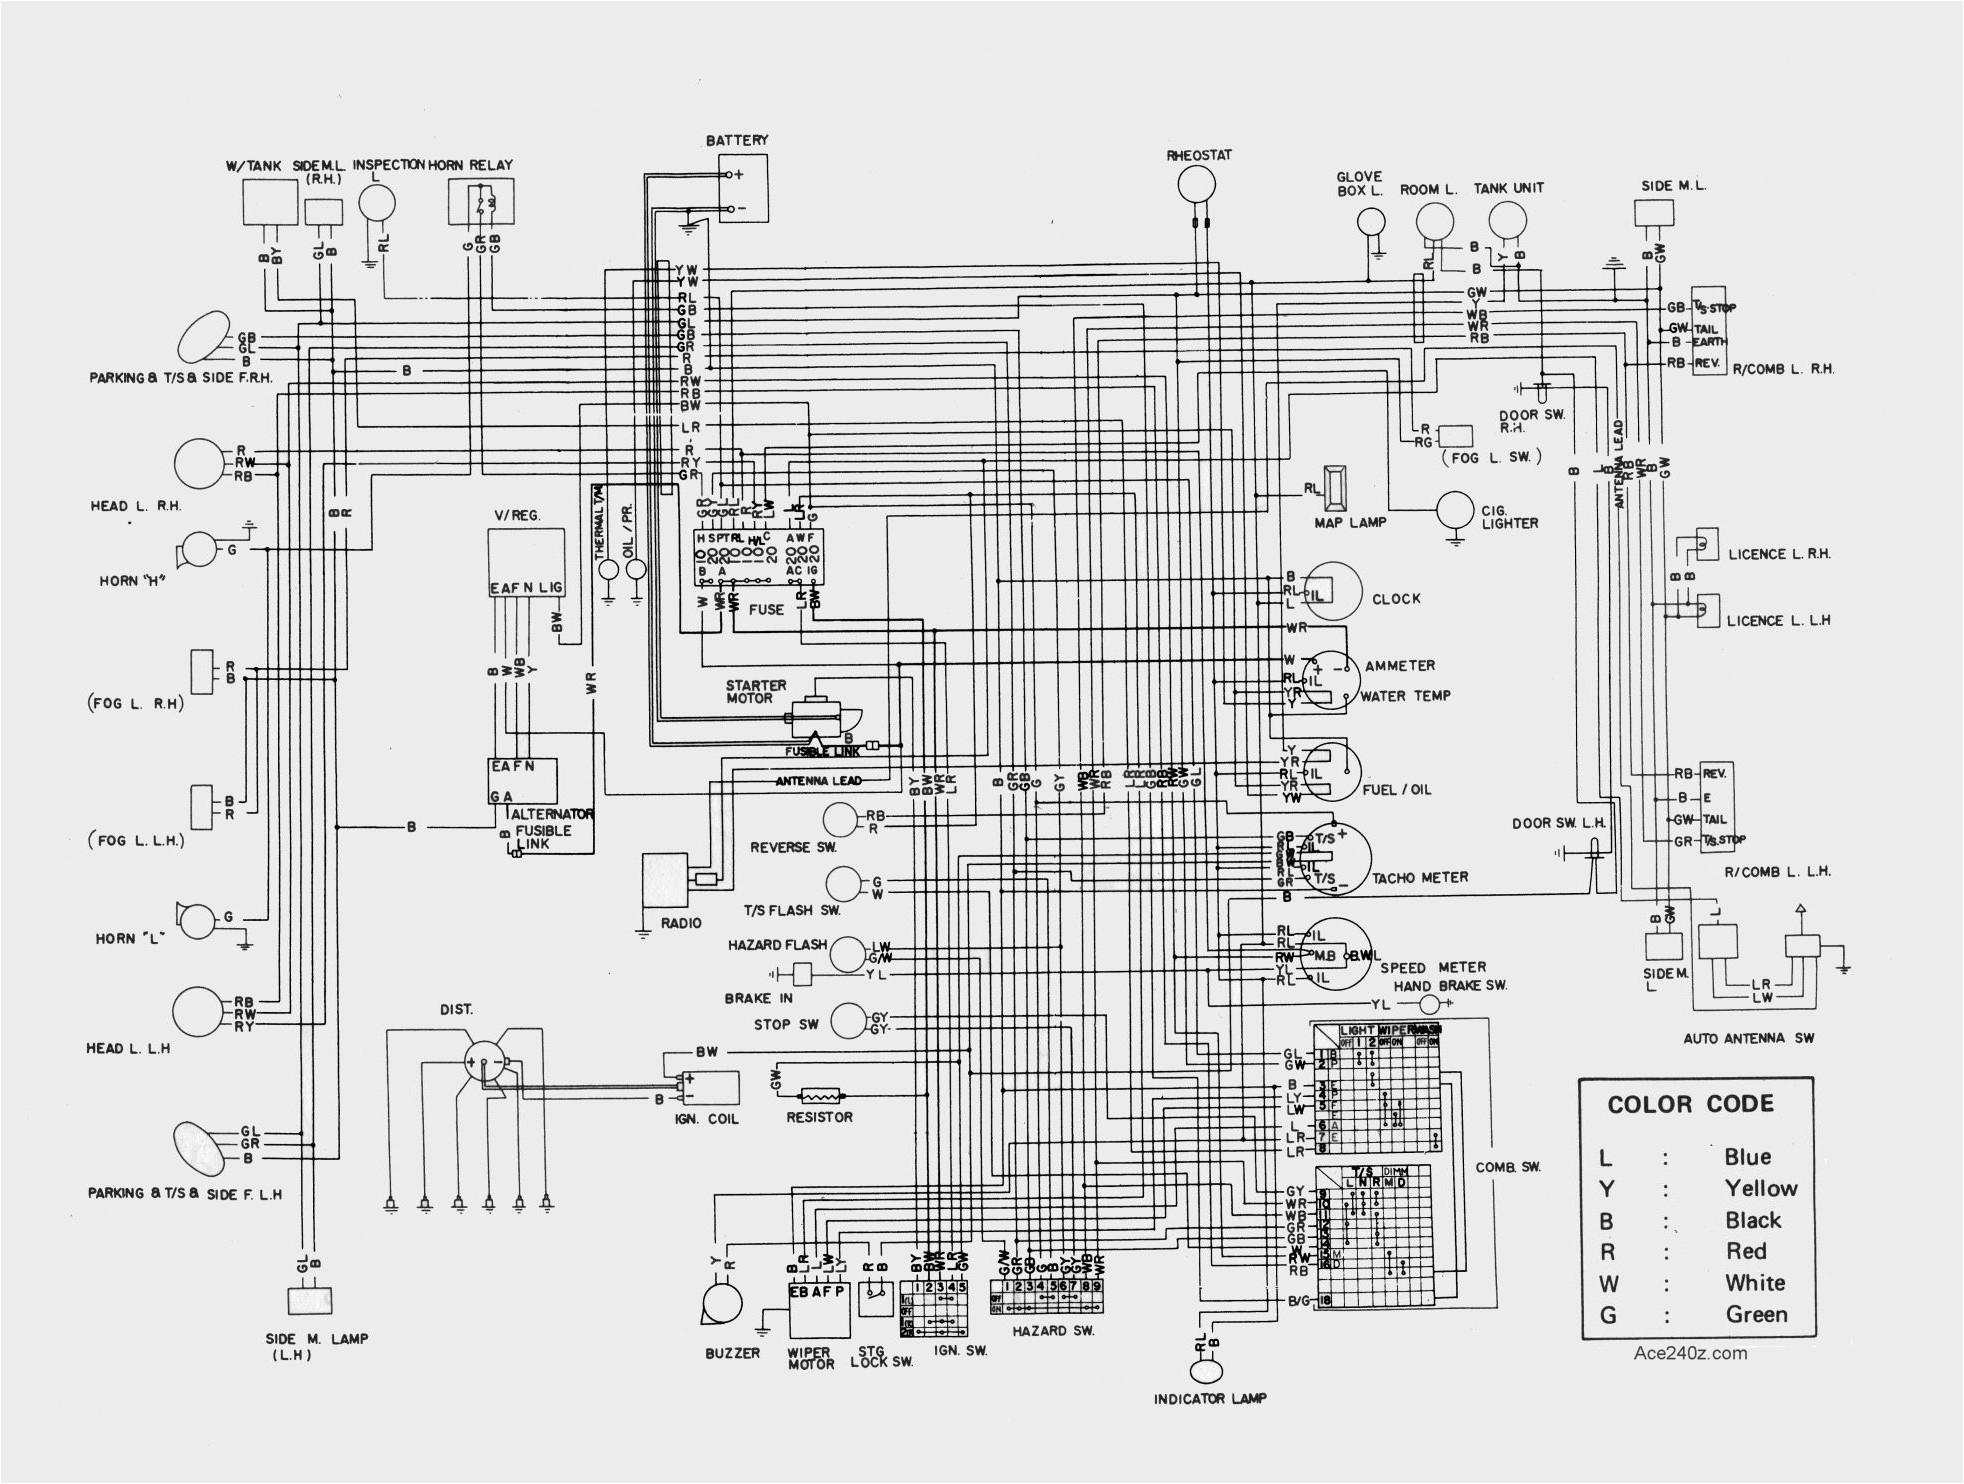 73 datsun 620 wiring diagram wiring diagram ame 1973 datsun wiring diagram wiring diagram show 73